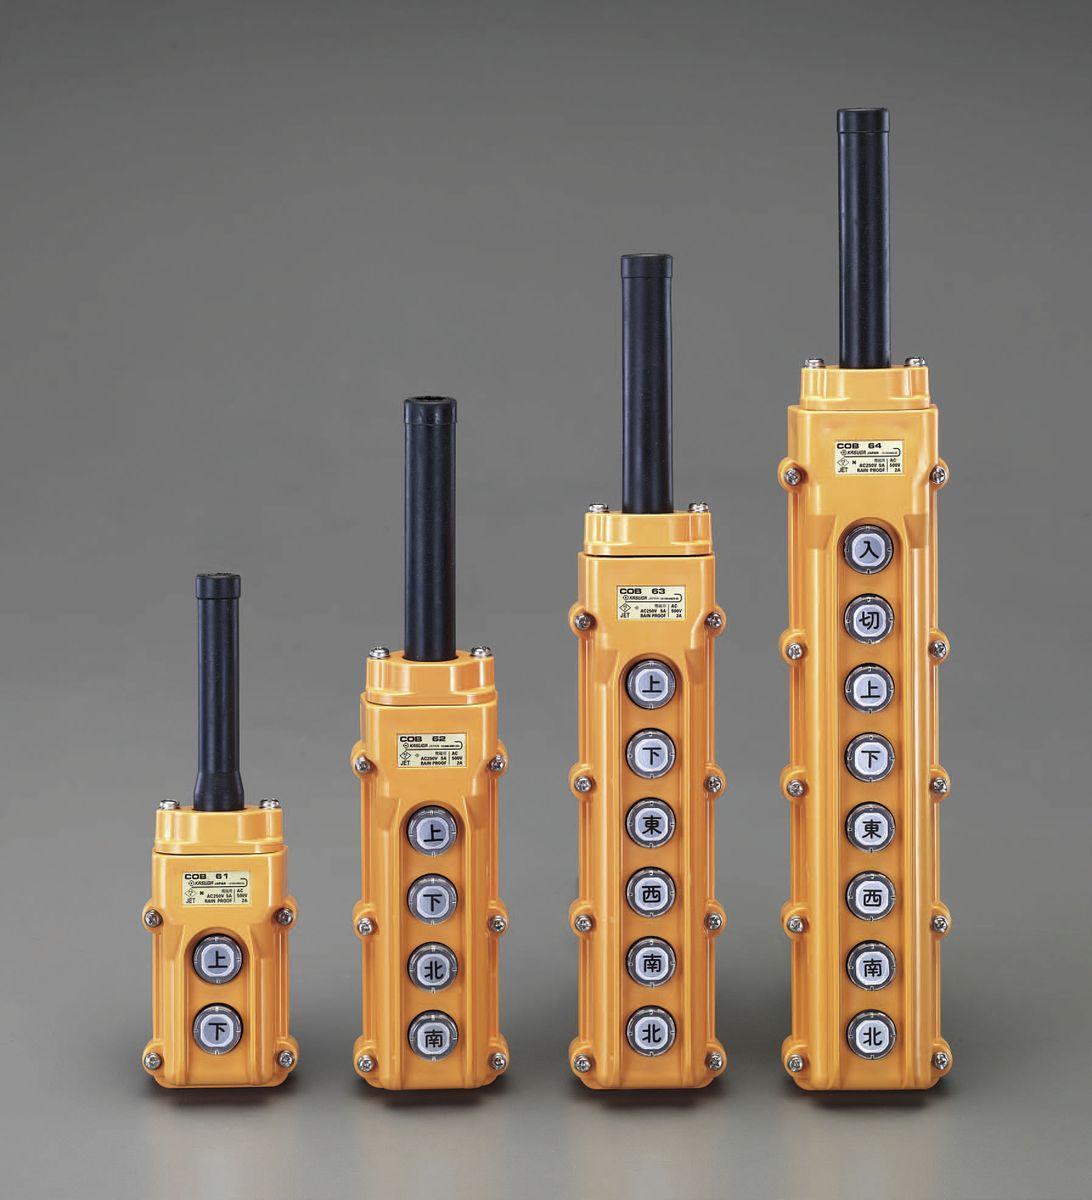 【メーカー在庫あり】 エスコ ESCO 8点 押しボタン開閉器 防雨形・ホイスト用 000012230859 HD店